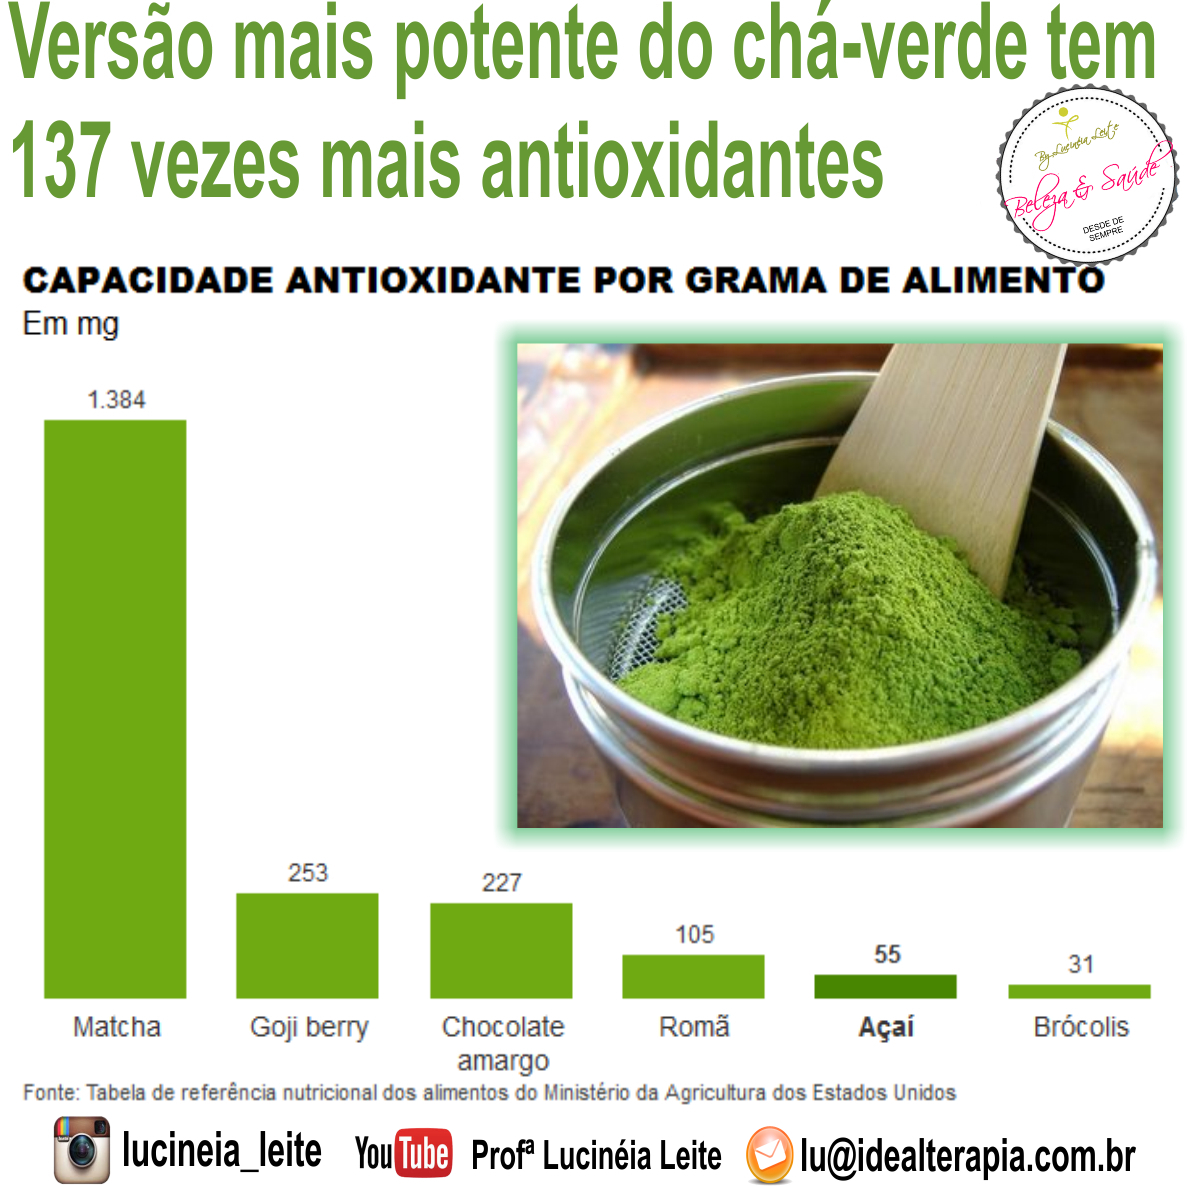 Versão mais potente do chá-verde tem 137 vezes mais antioxidantes.  Leia mais:  https://www.facebook.com/ProfaLucineiaLeite/photos /a.489575124554248.1073741840.459835907528170/524159487762478/?type=3&theater estética docente / professor(a)